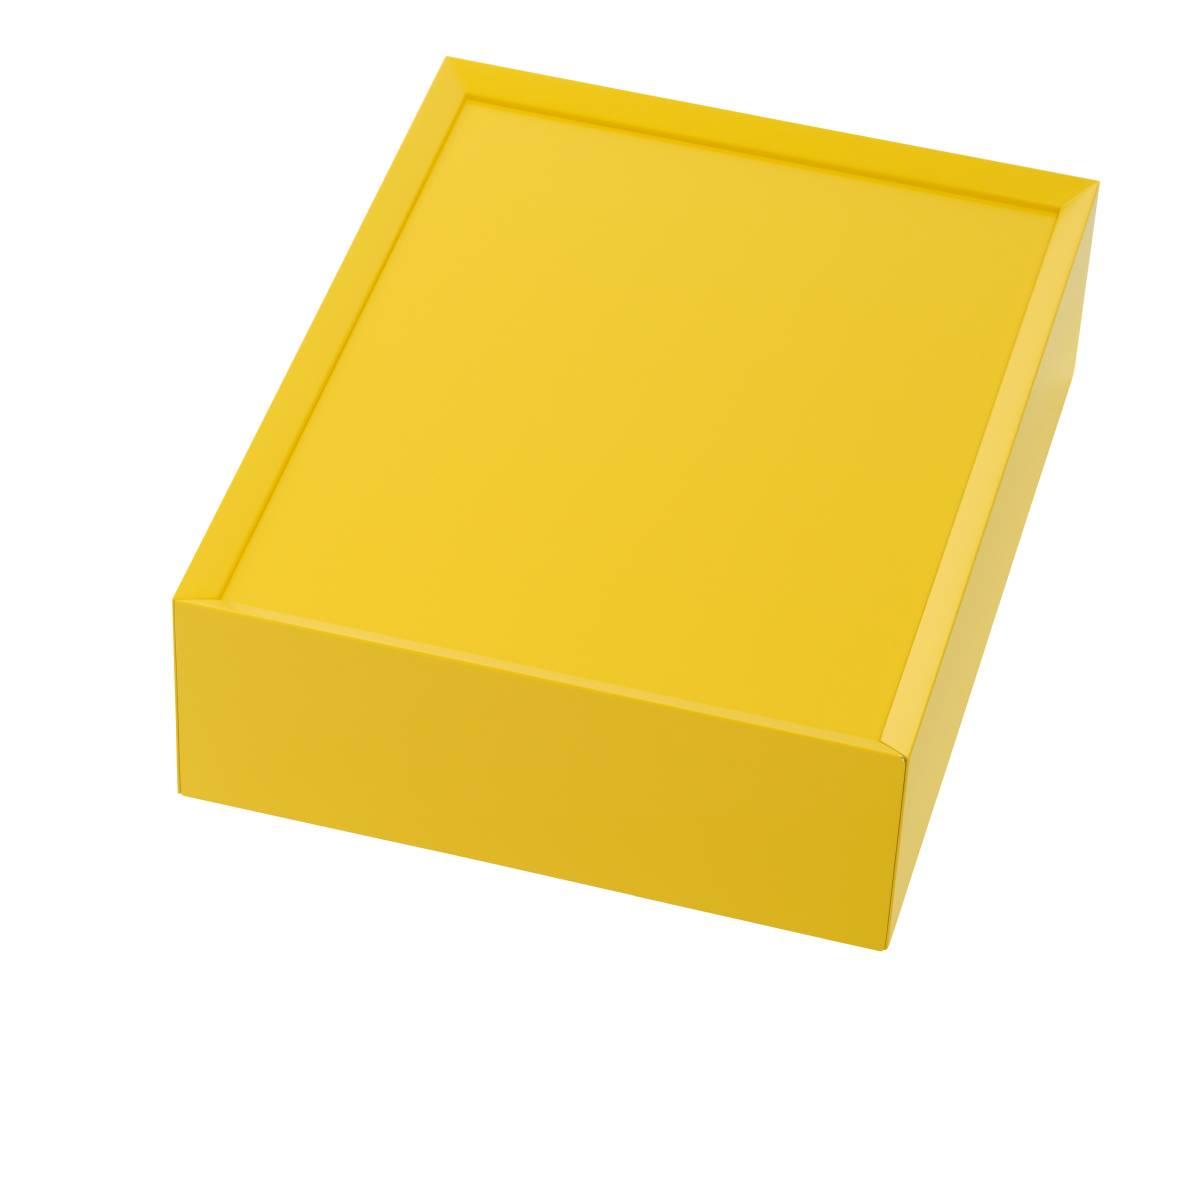 SOUVENIR Schubkastenbox klein zitrusgelb (69), geschlossen